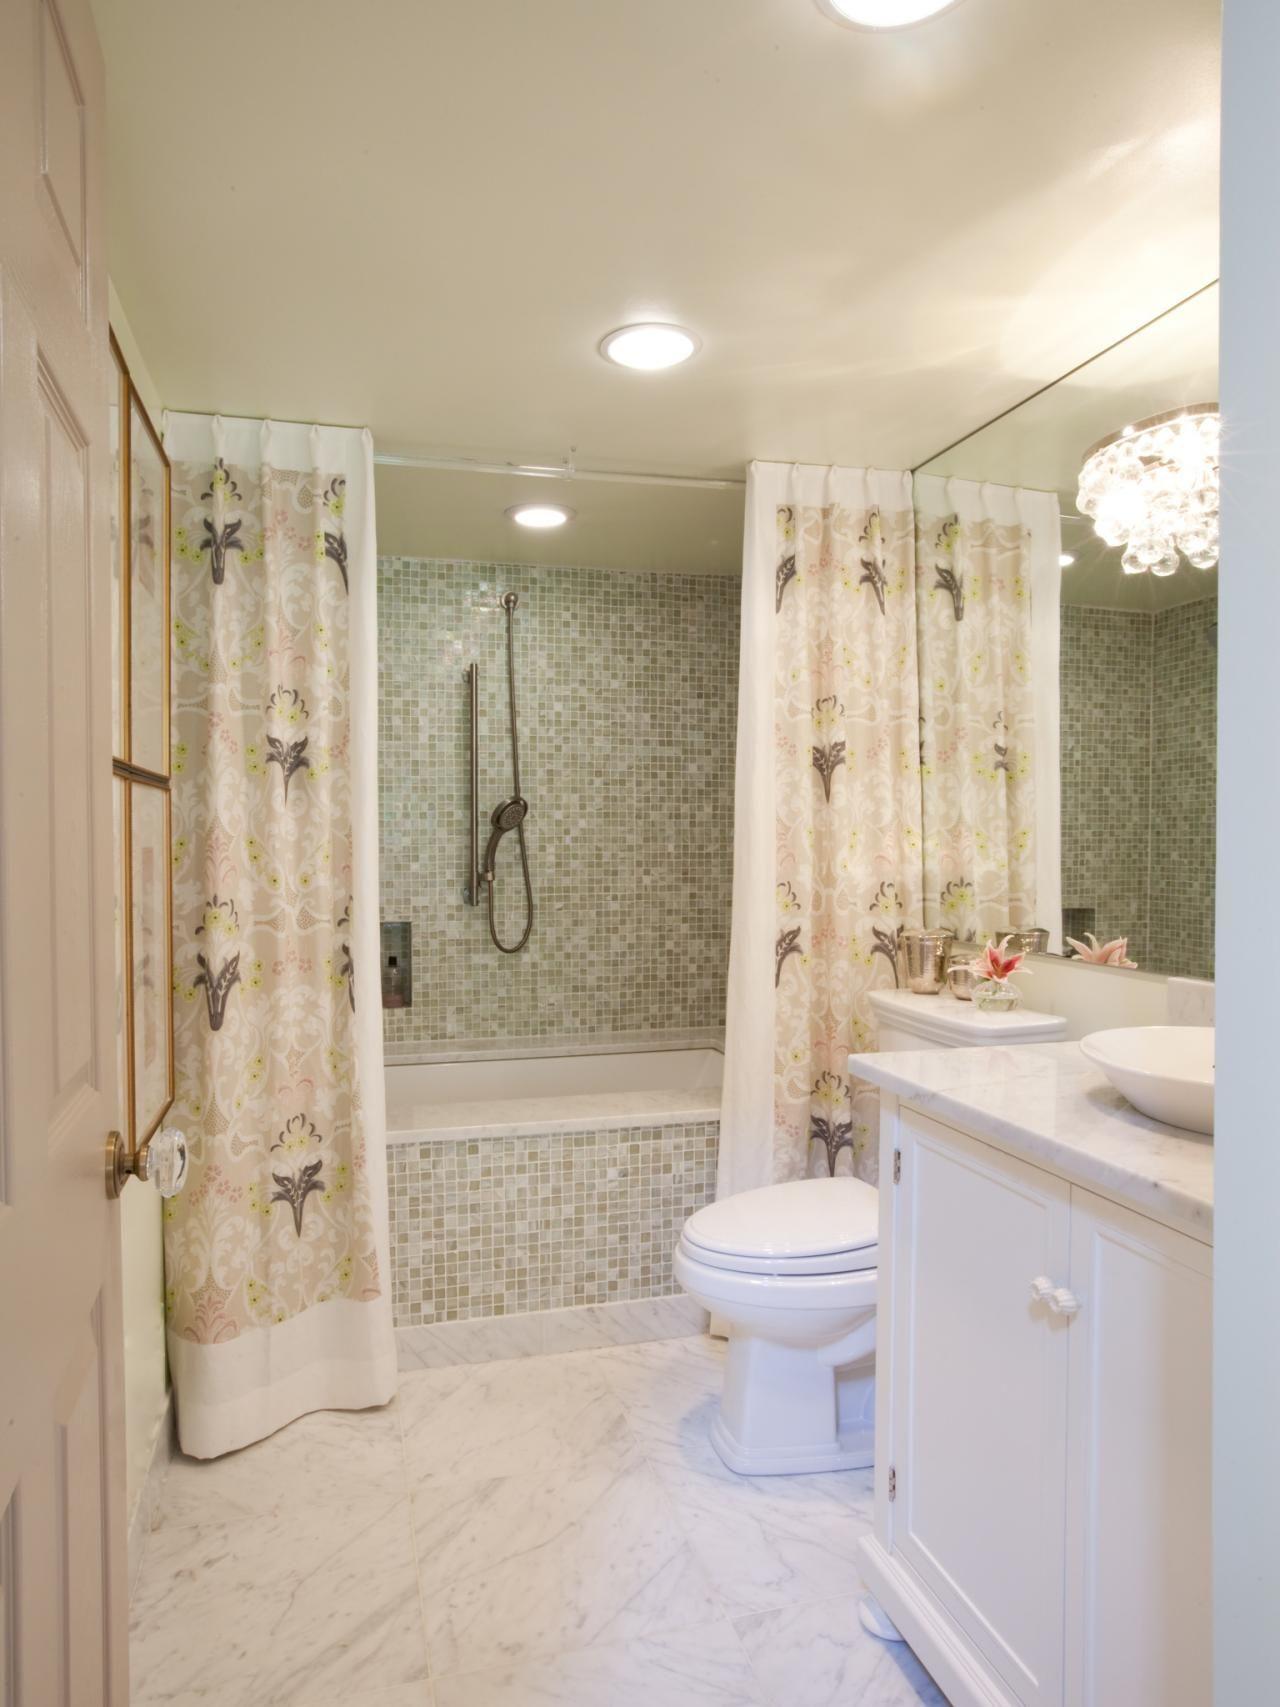 Elegant Bathroom Shower Curtain Ideas Photos Remodel And - Girl bathroom shower curtain for small bathroom ideas